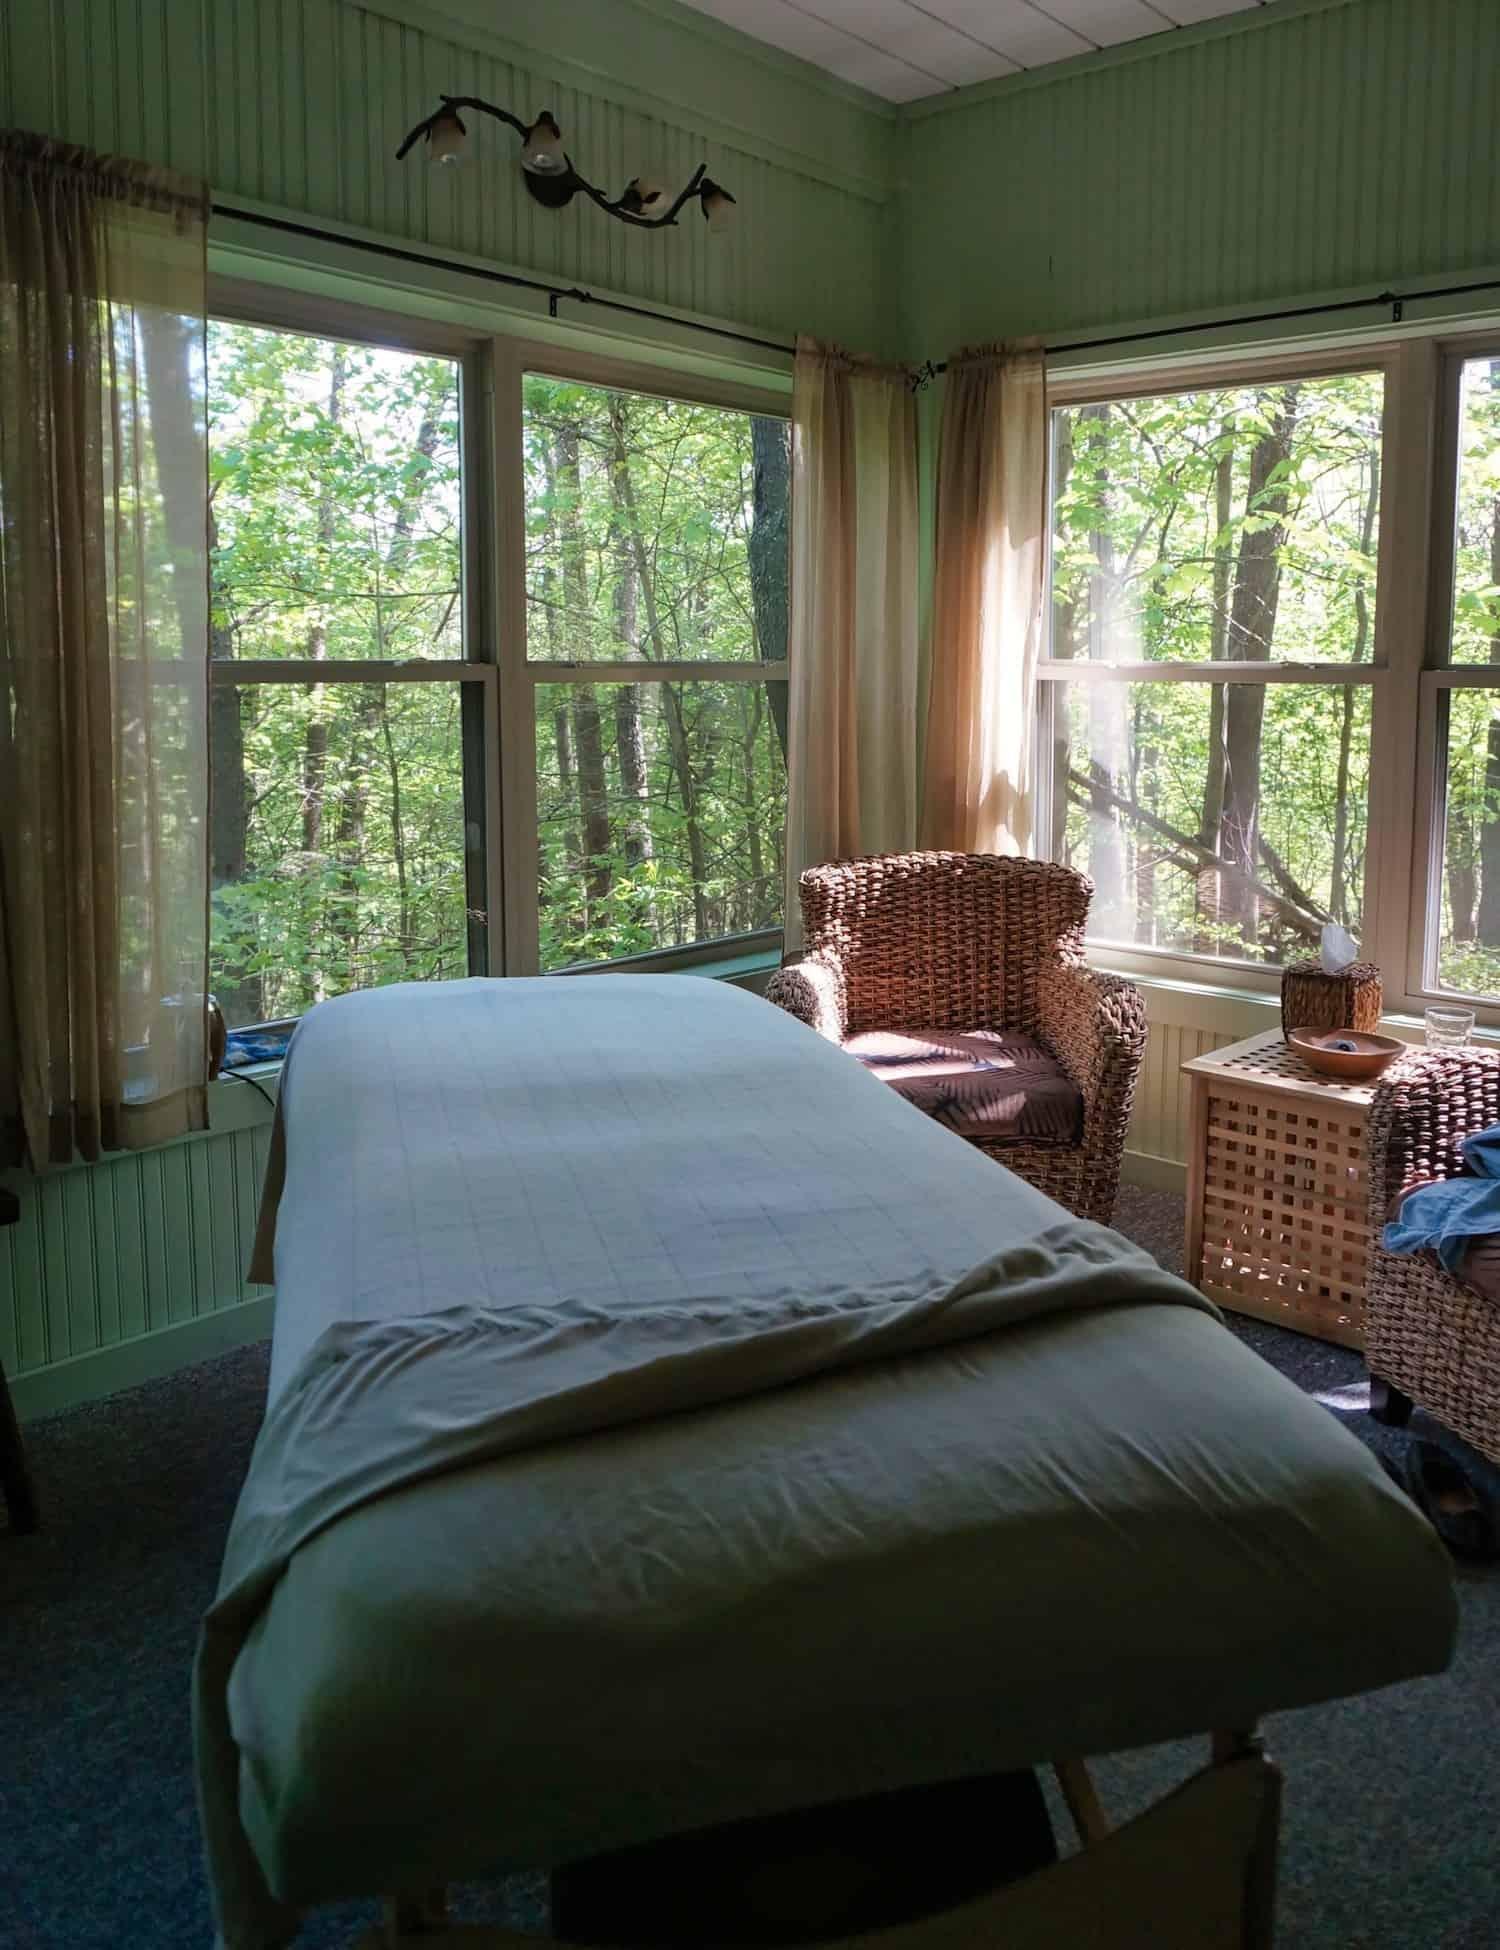 Hocking Hills - Inn & Spa at Cedar Falls